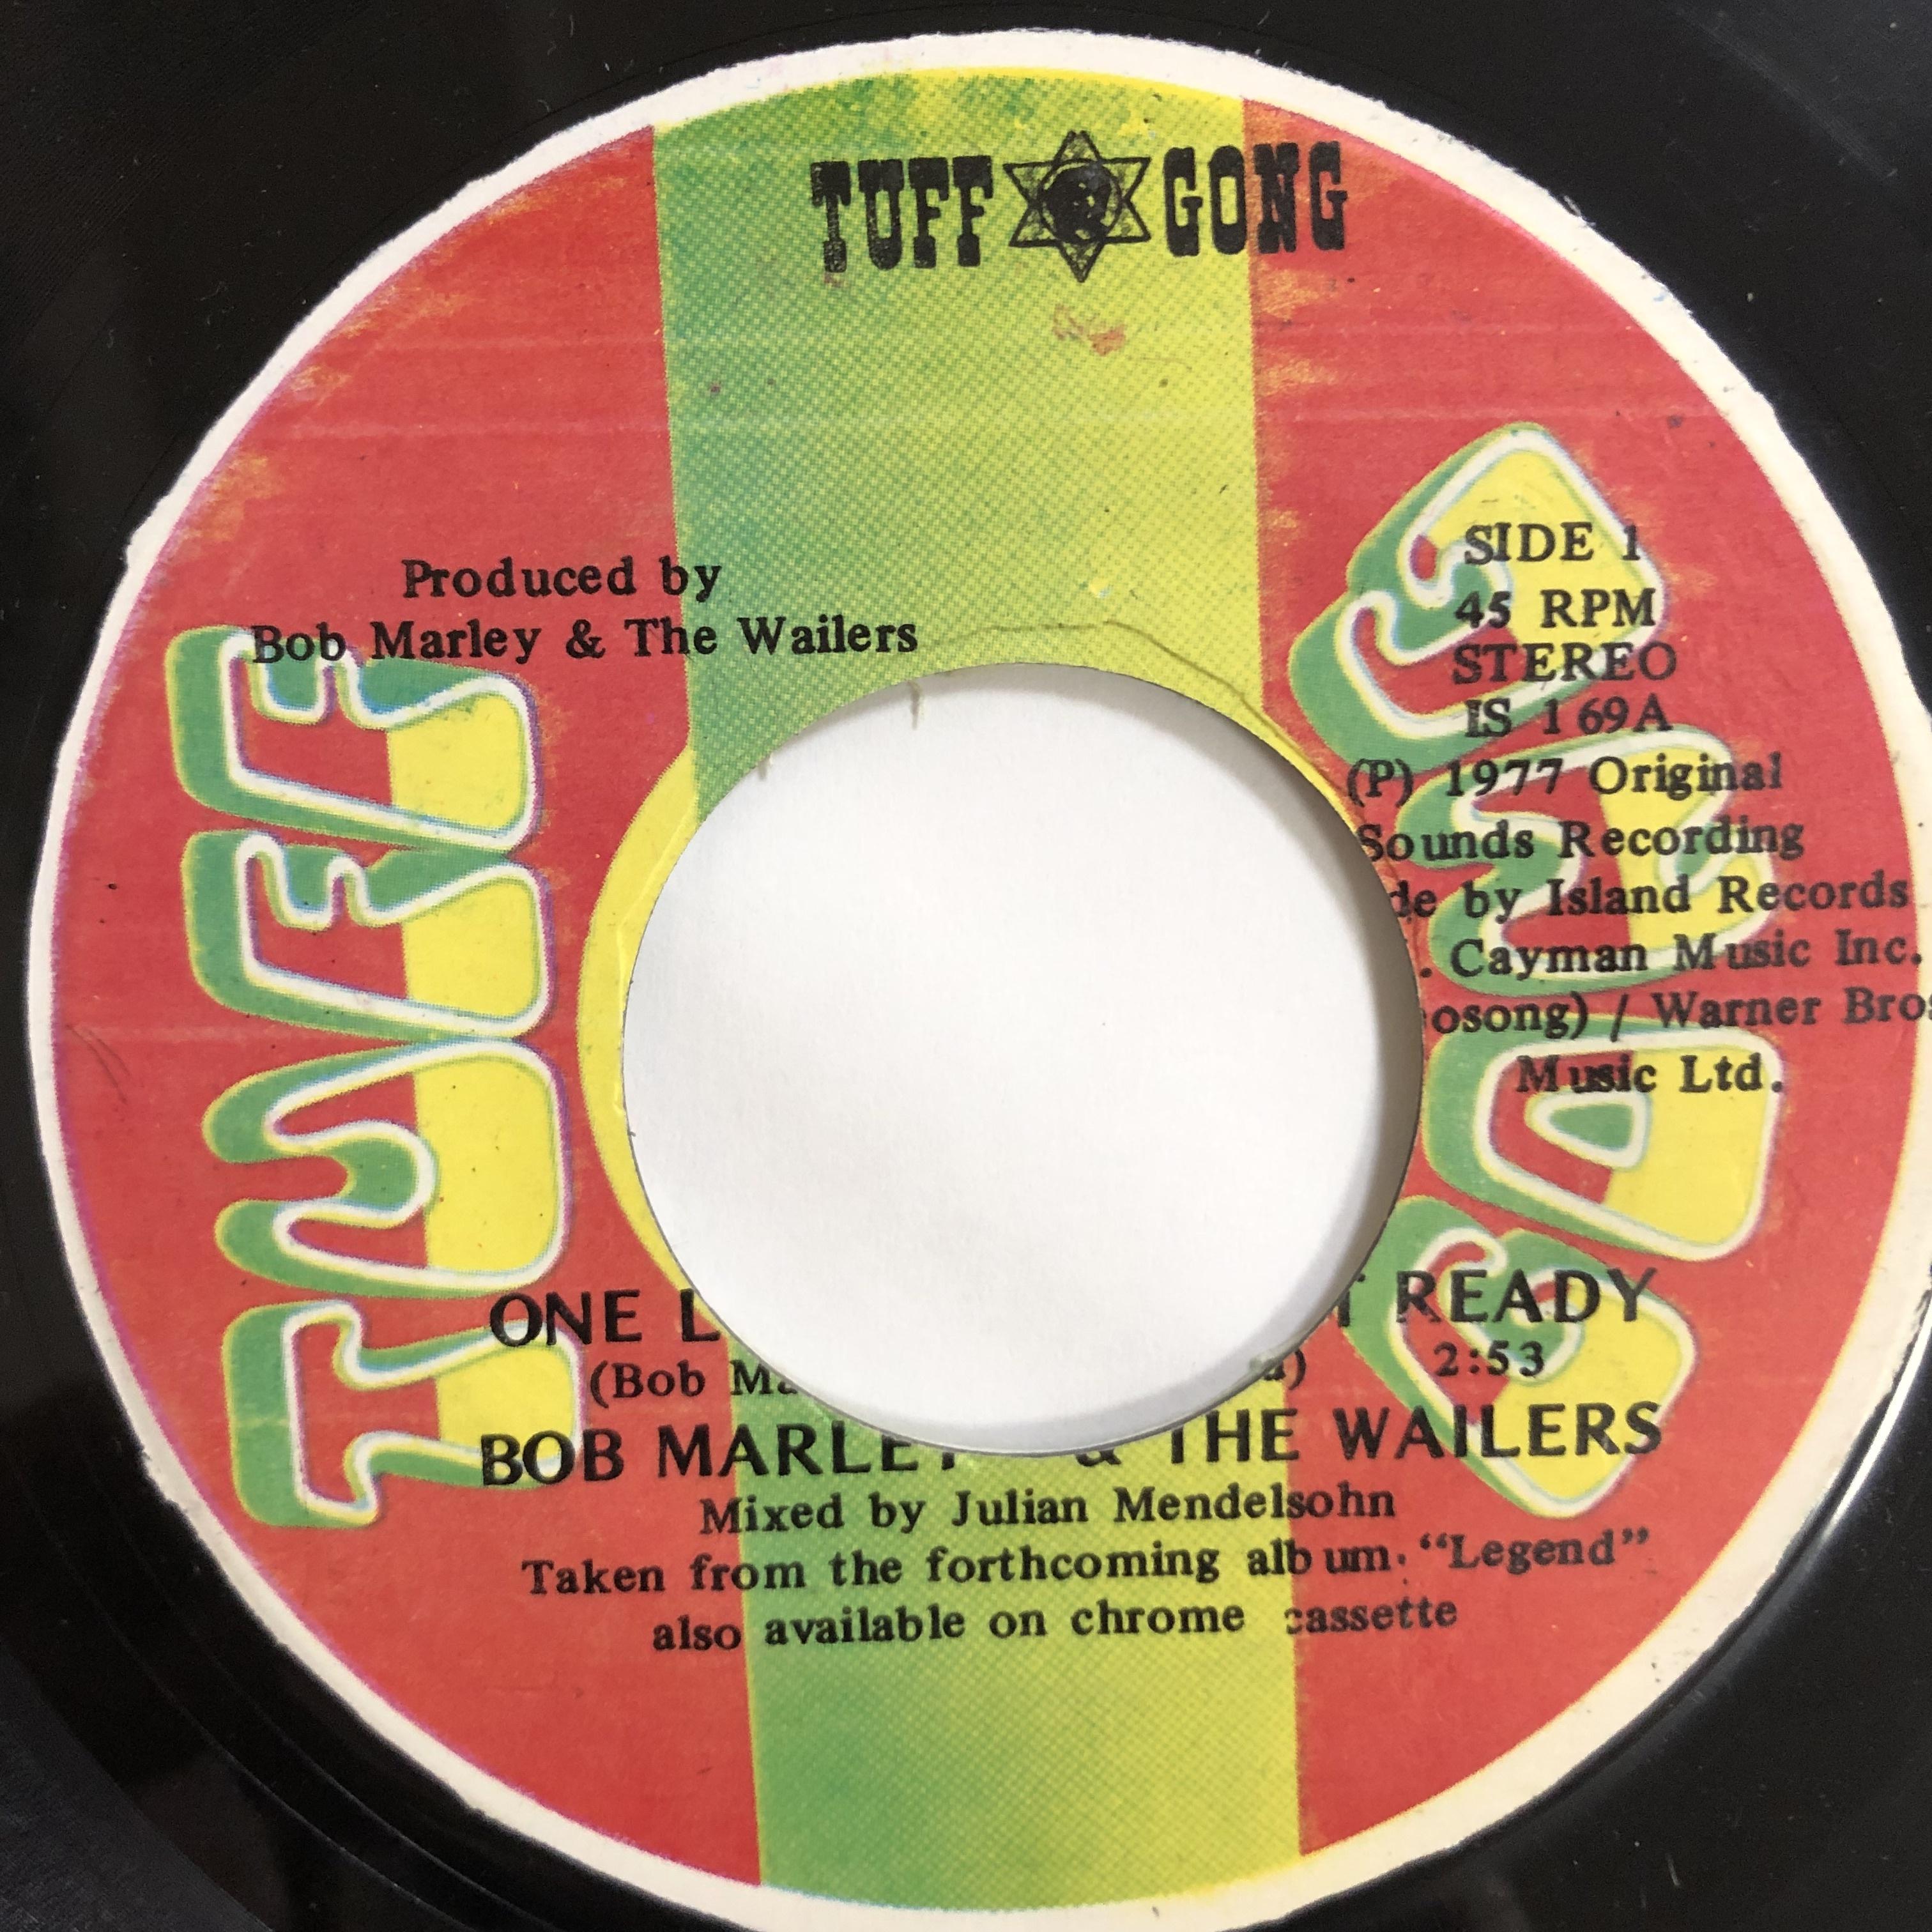 Bob Marley (ボブ・マーリー) & The Wailers (ウェイラーズ) - One Love【7-20205】